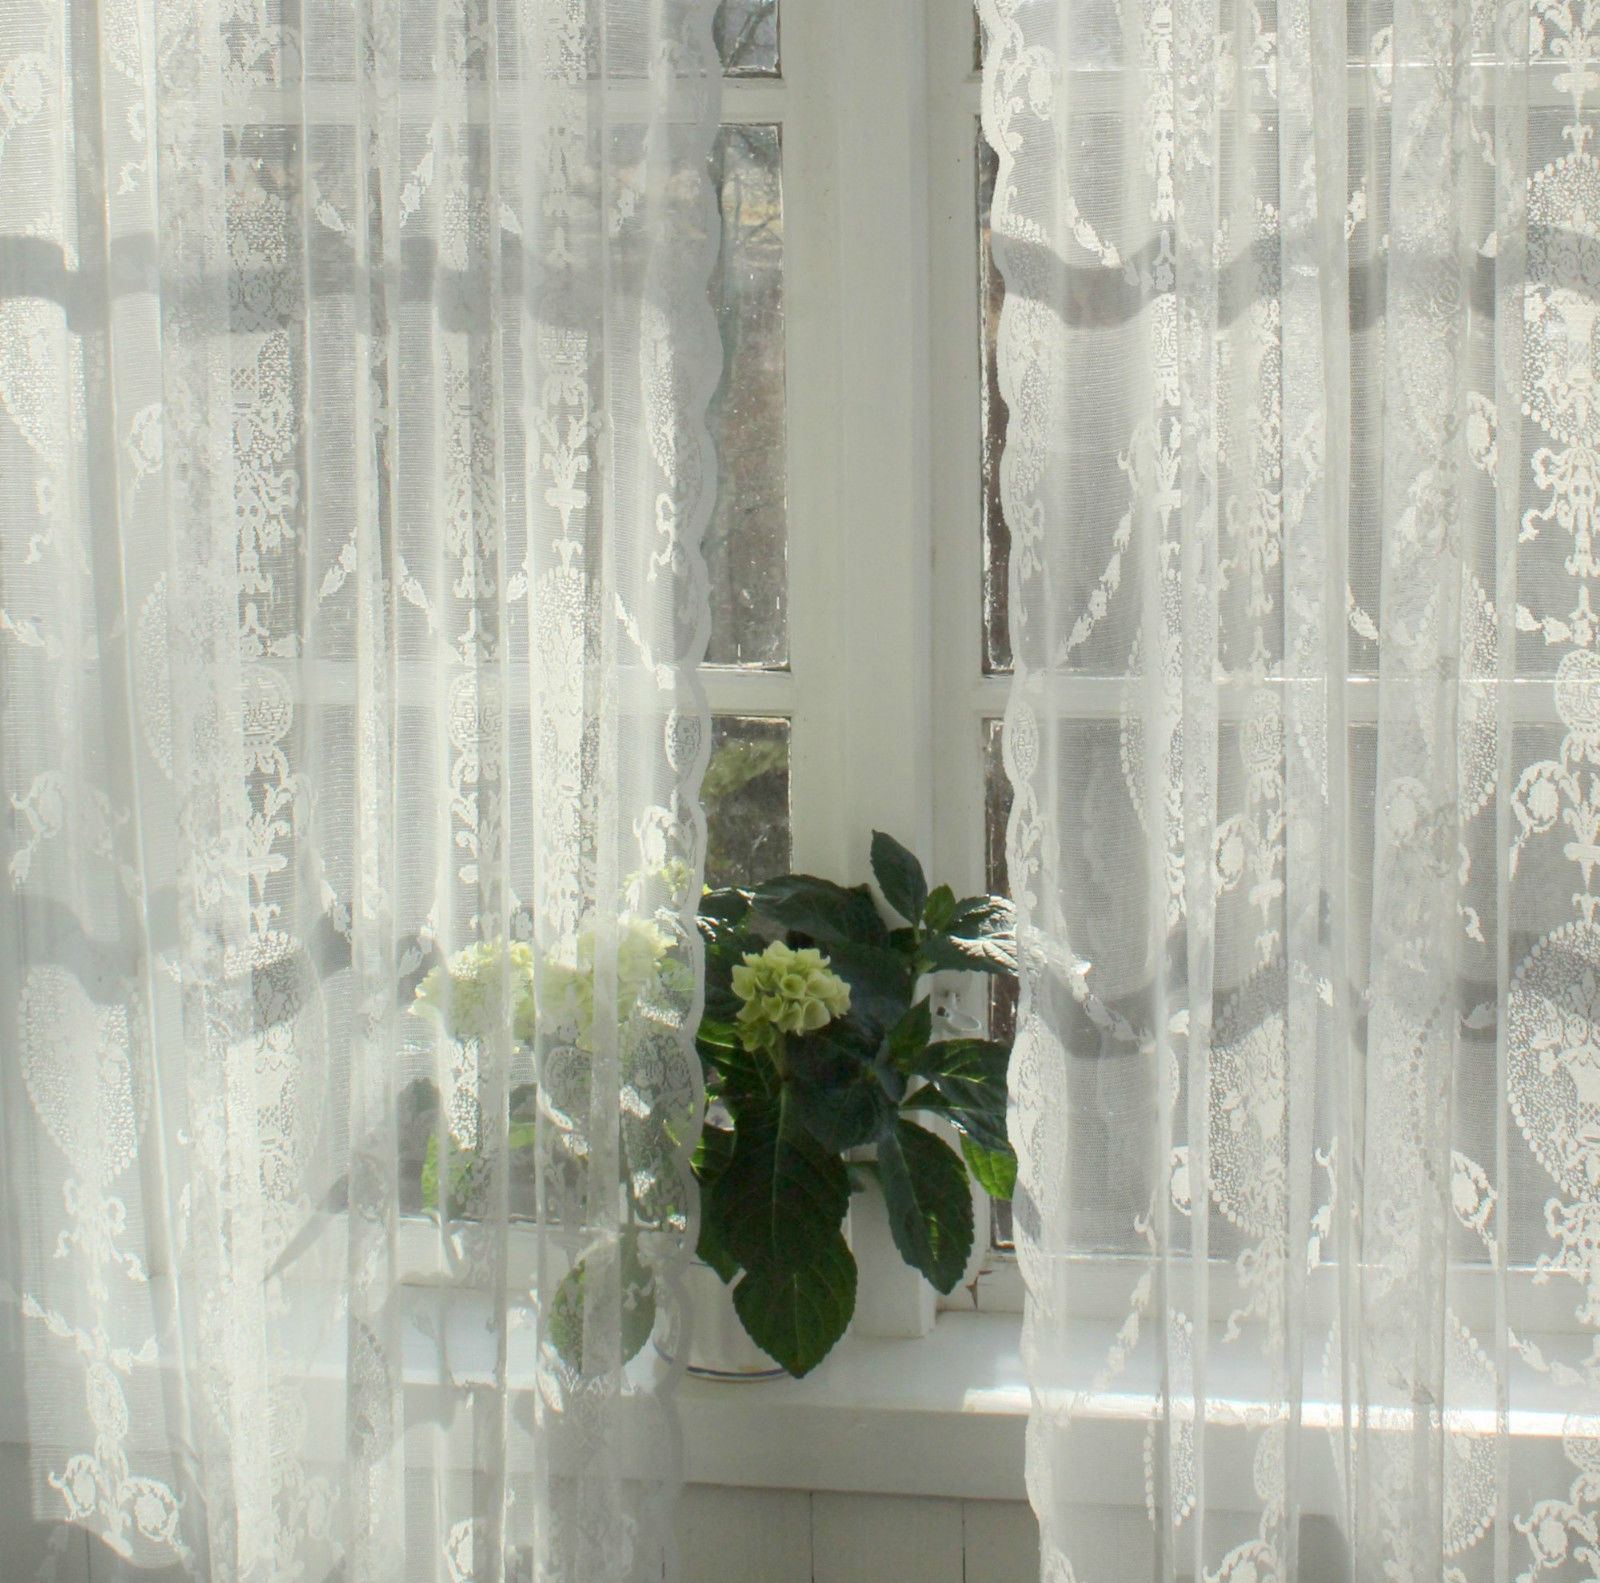 vorhang avery offwhite spitzen gardine 140x240 cm 2 st ck spitzen gardinen mehr gardinen. Black Bedroom Furniture Sets. Home Design Ideas